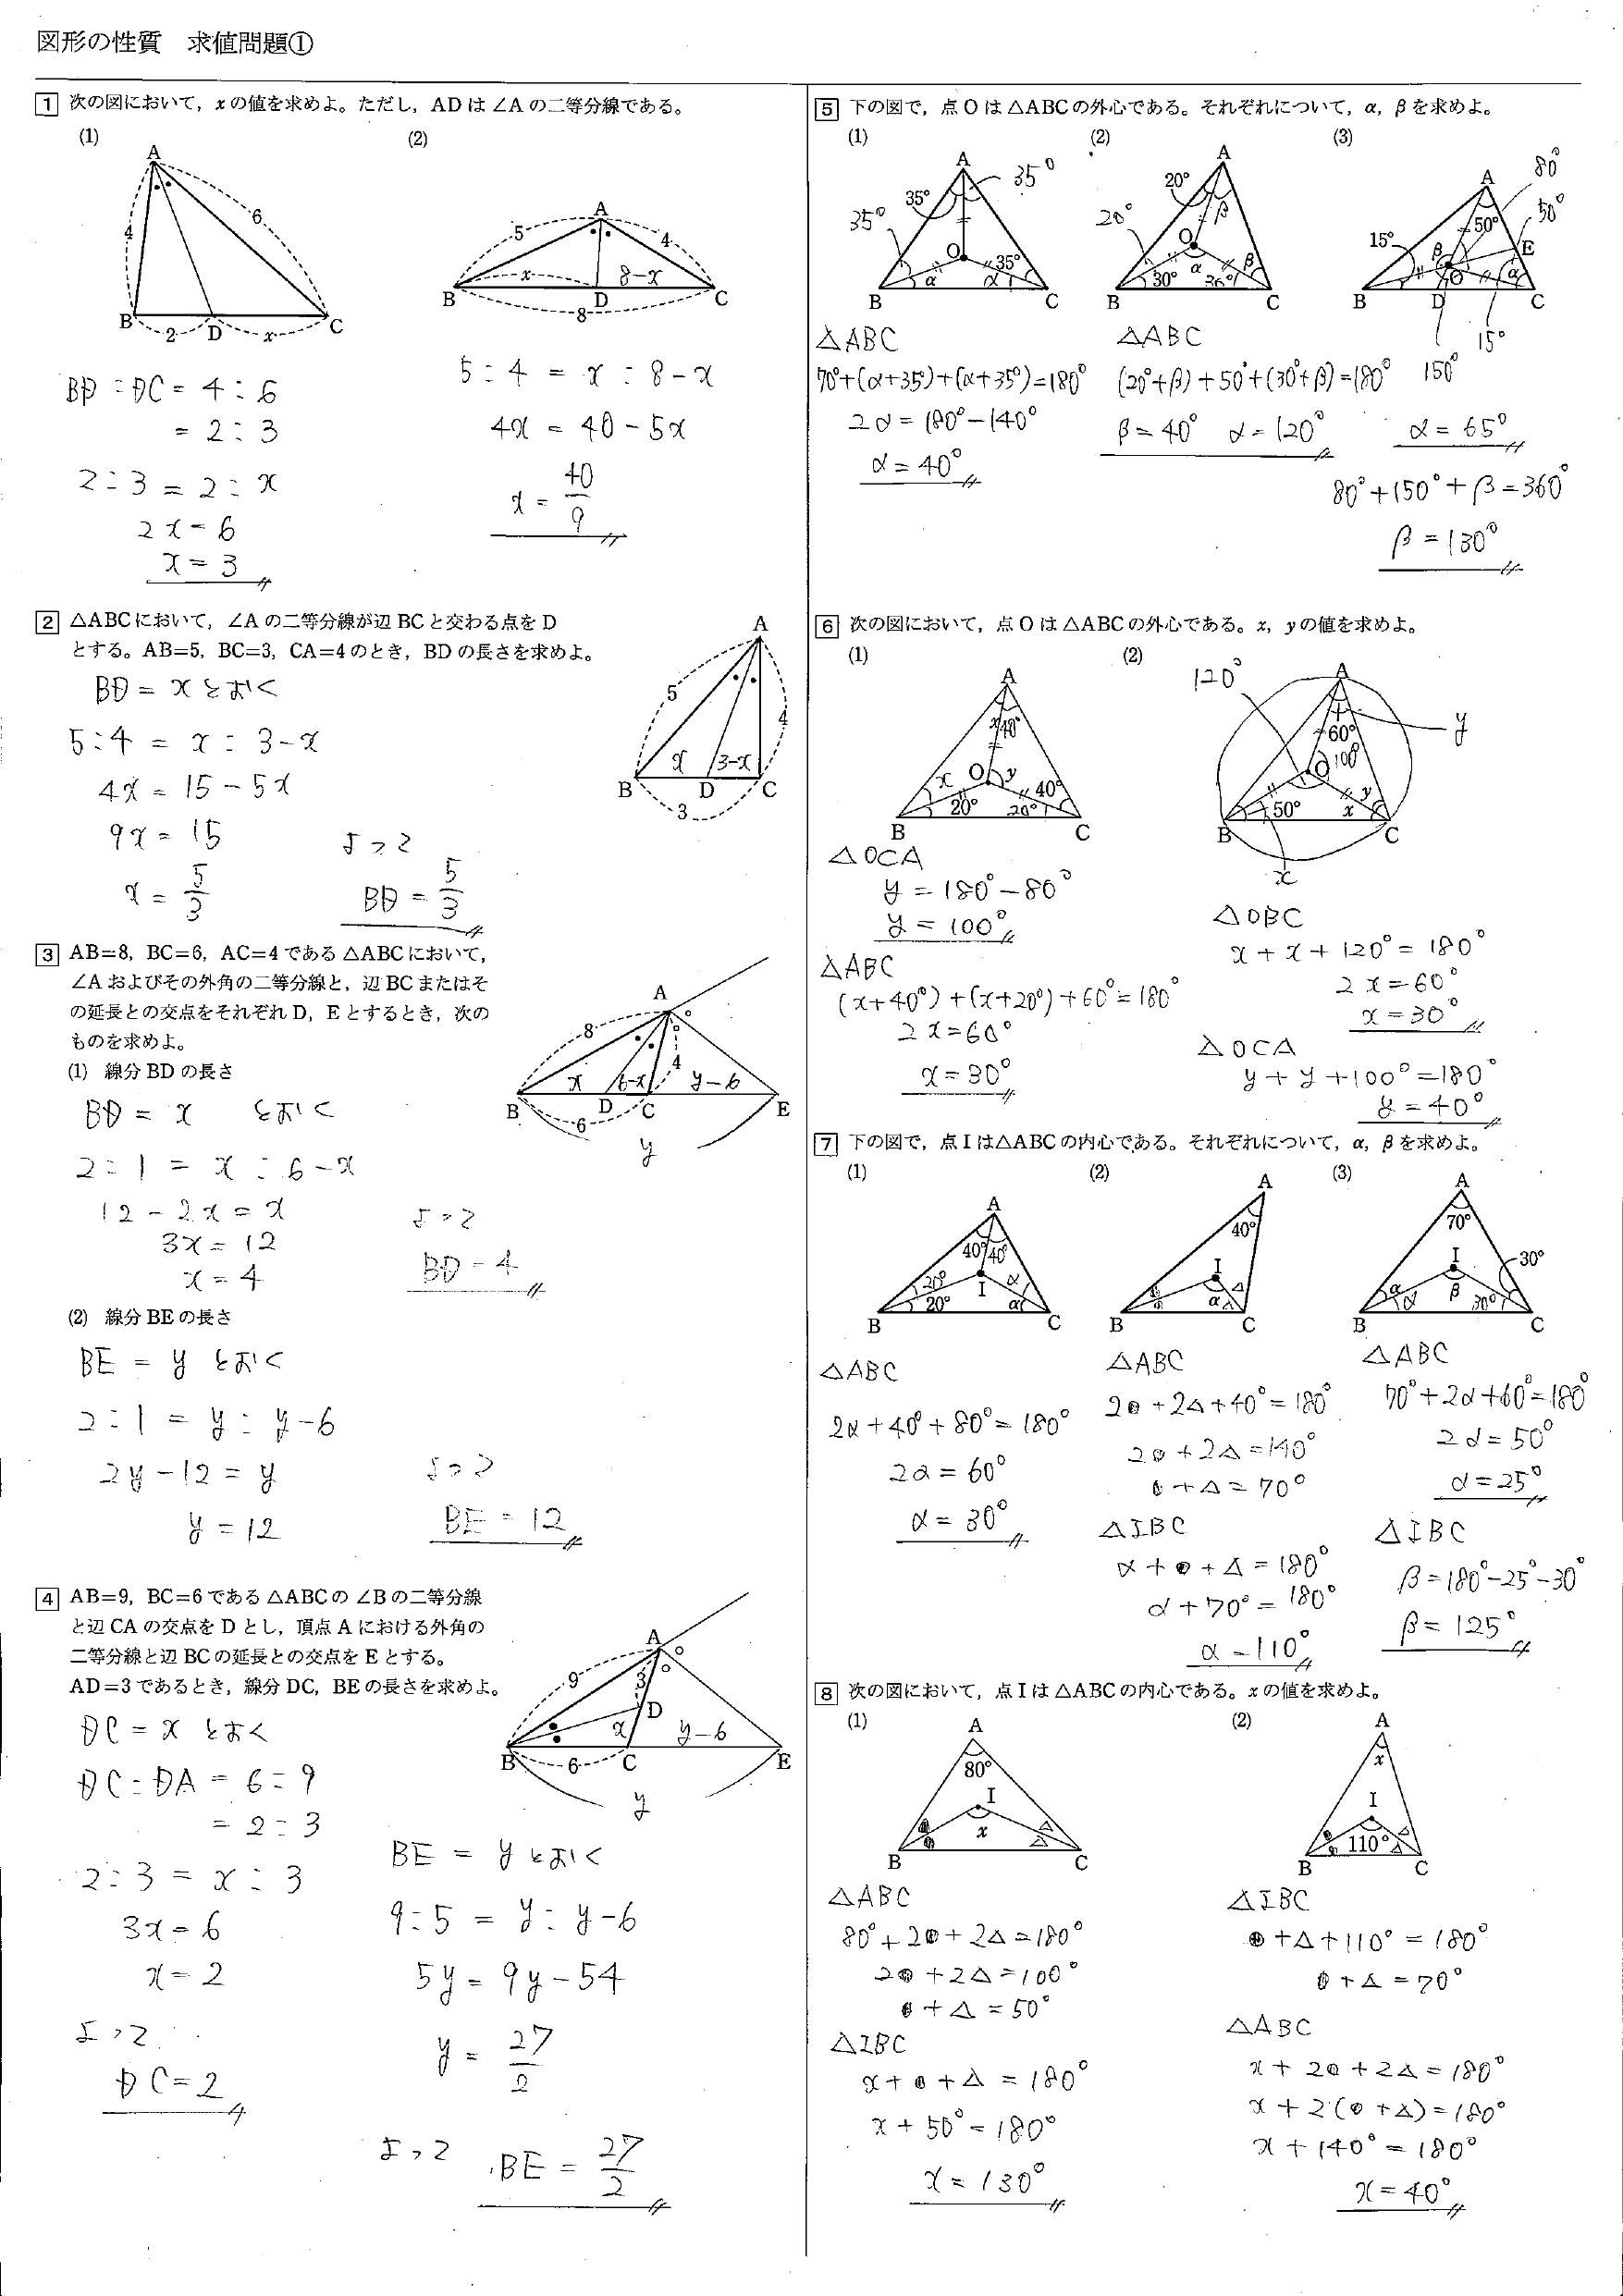 図形の性質 教科書 一覧 まとめ 問題 解答